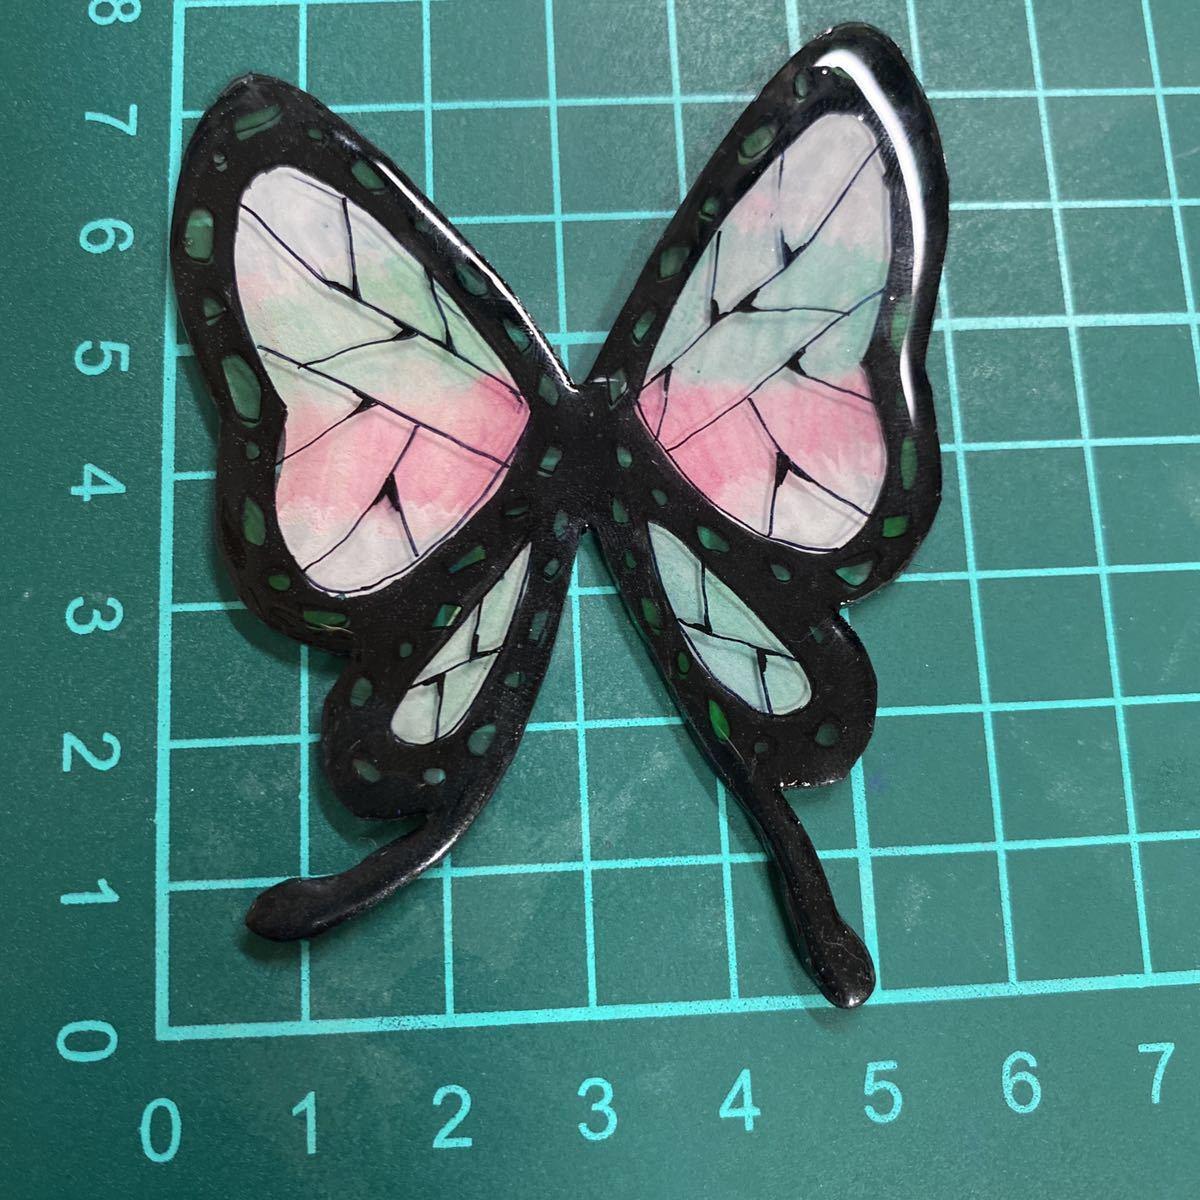 胡蝶しのぶ風 胡蝶カナヲ風 ヘアゴム 中 鬼滅の刃風 送料無料 3点セット 黒 ピンク 紫